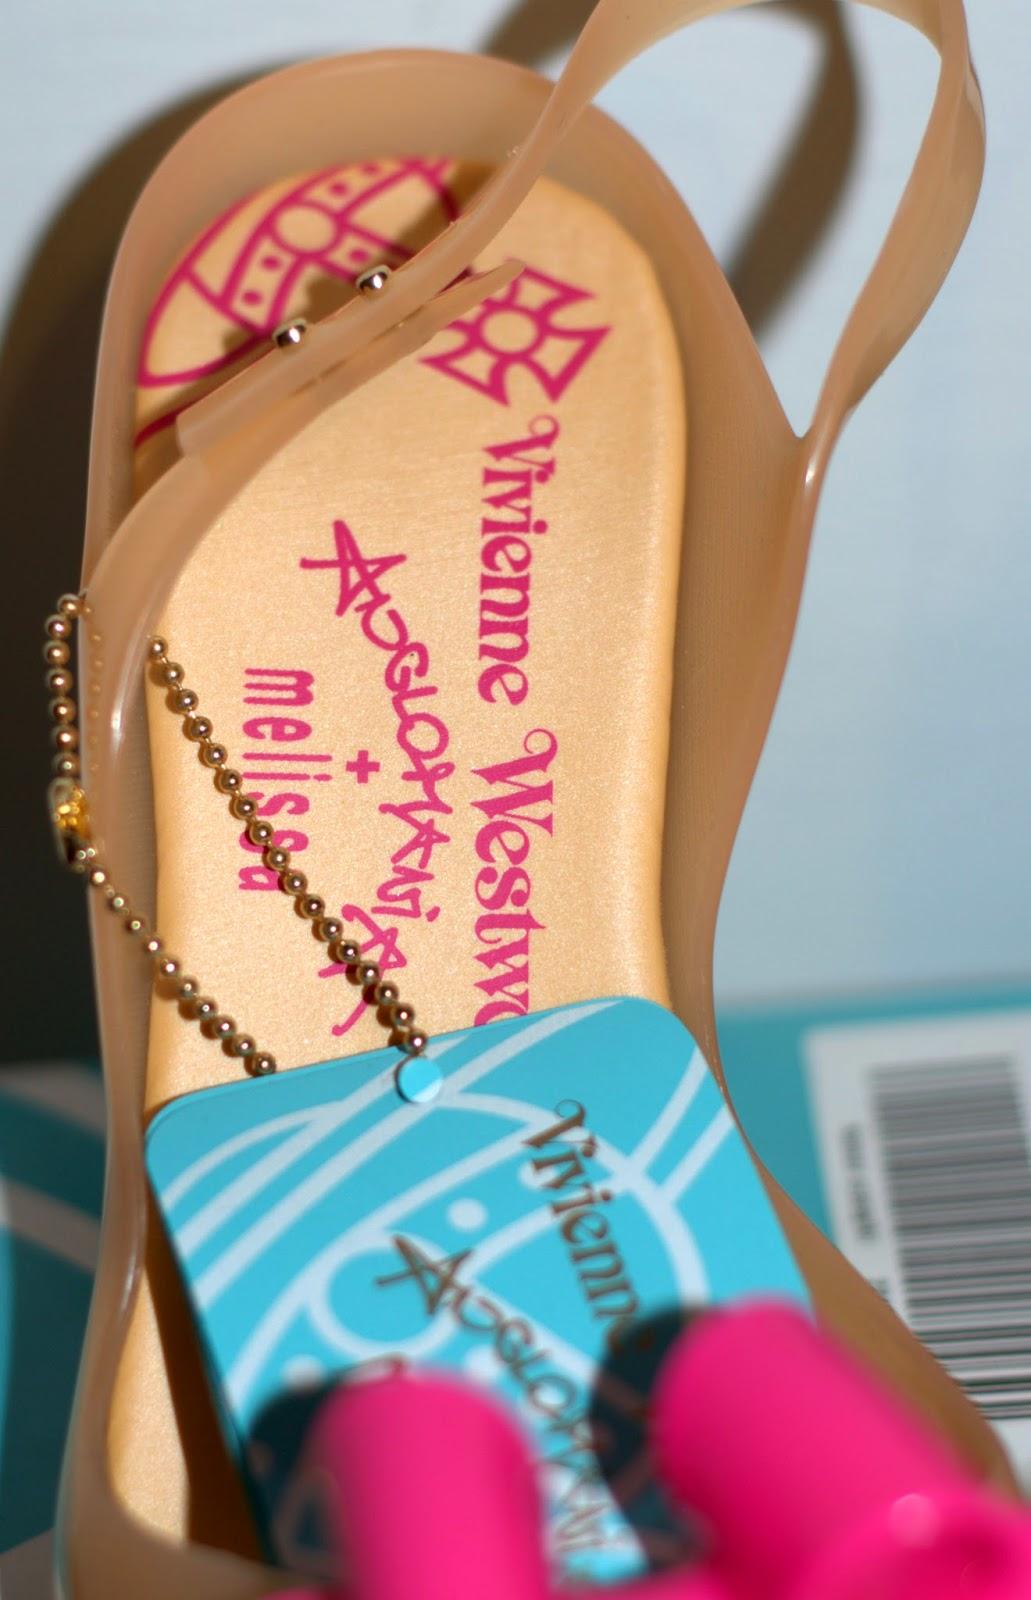 logo Melissa w wkładce gumowego buta jak wygląda?